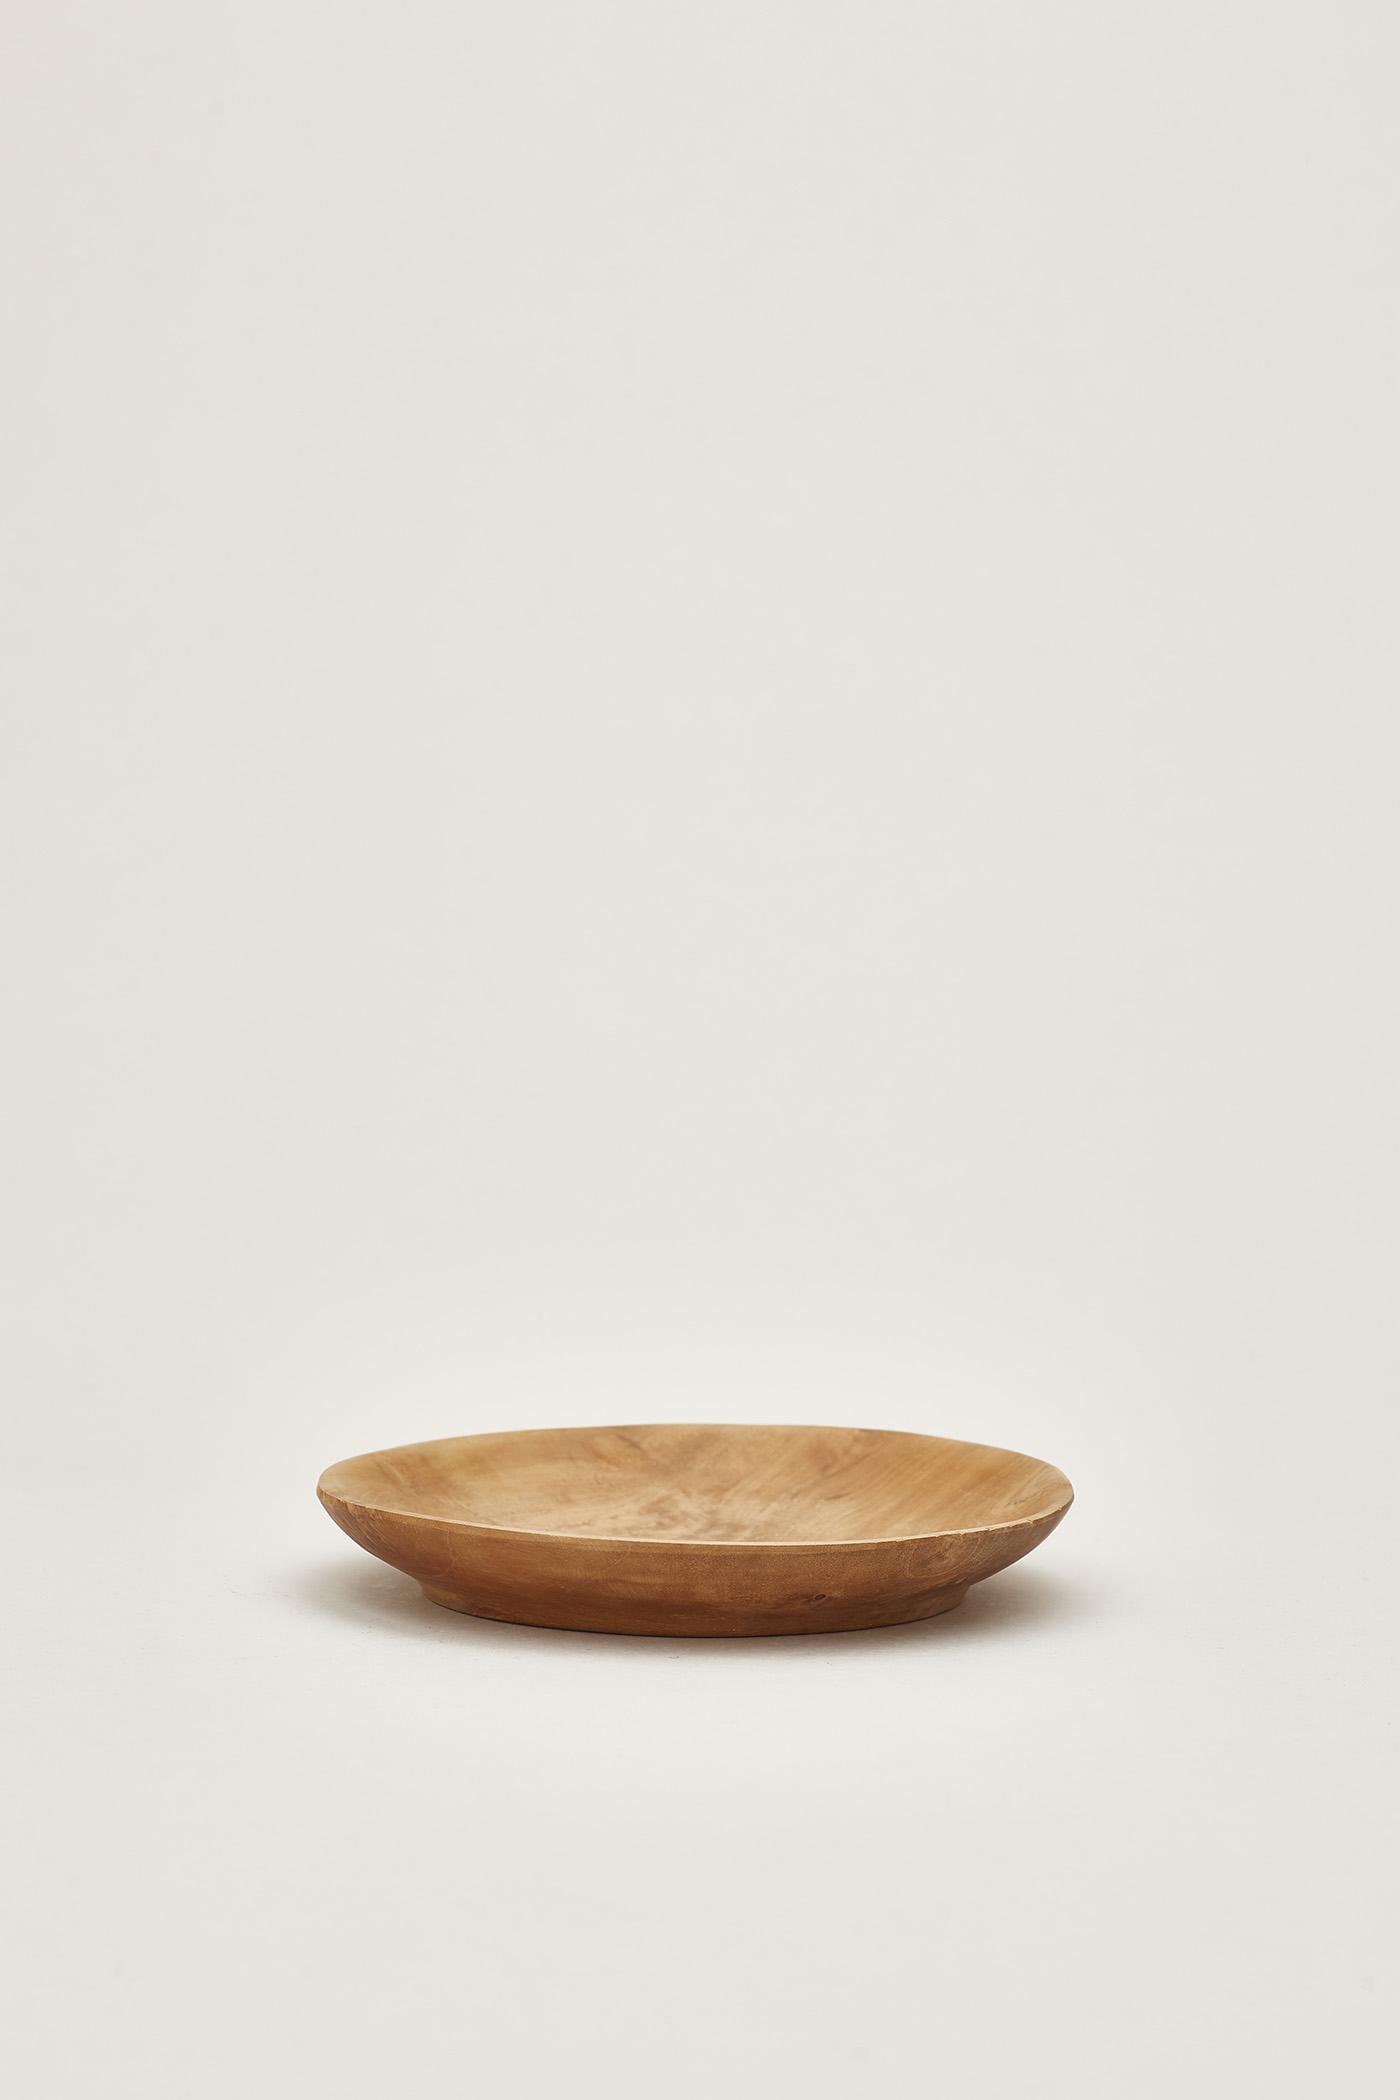 Bjorn Wooden Round Plate